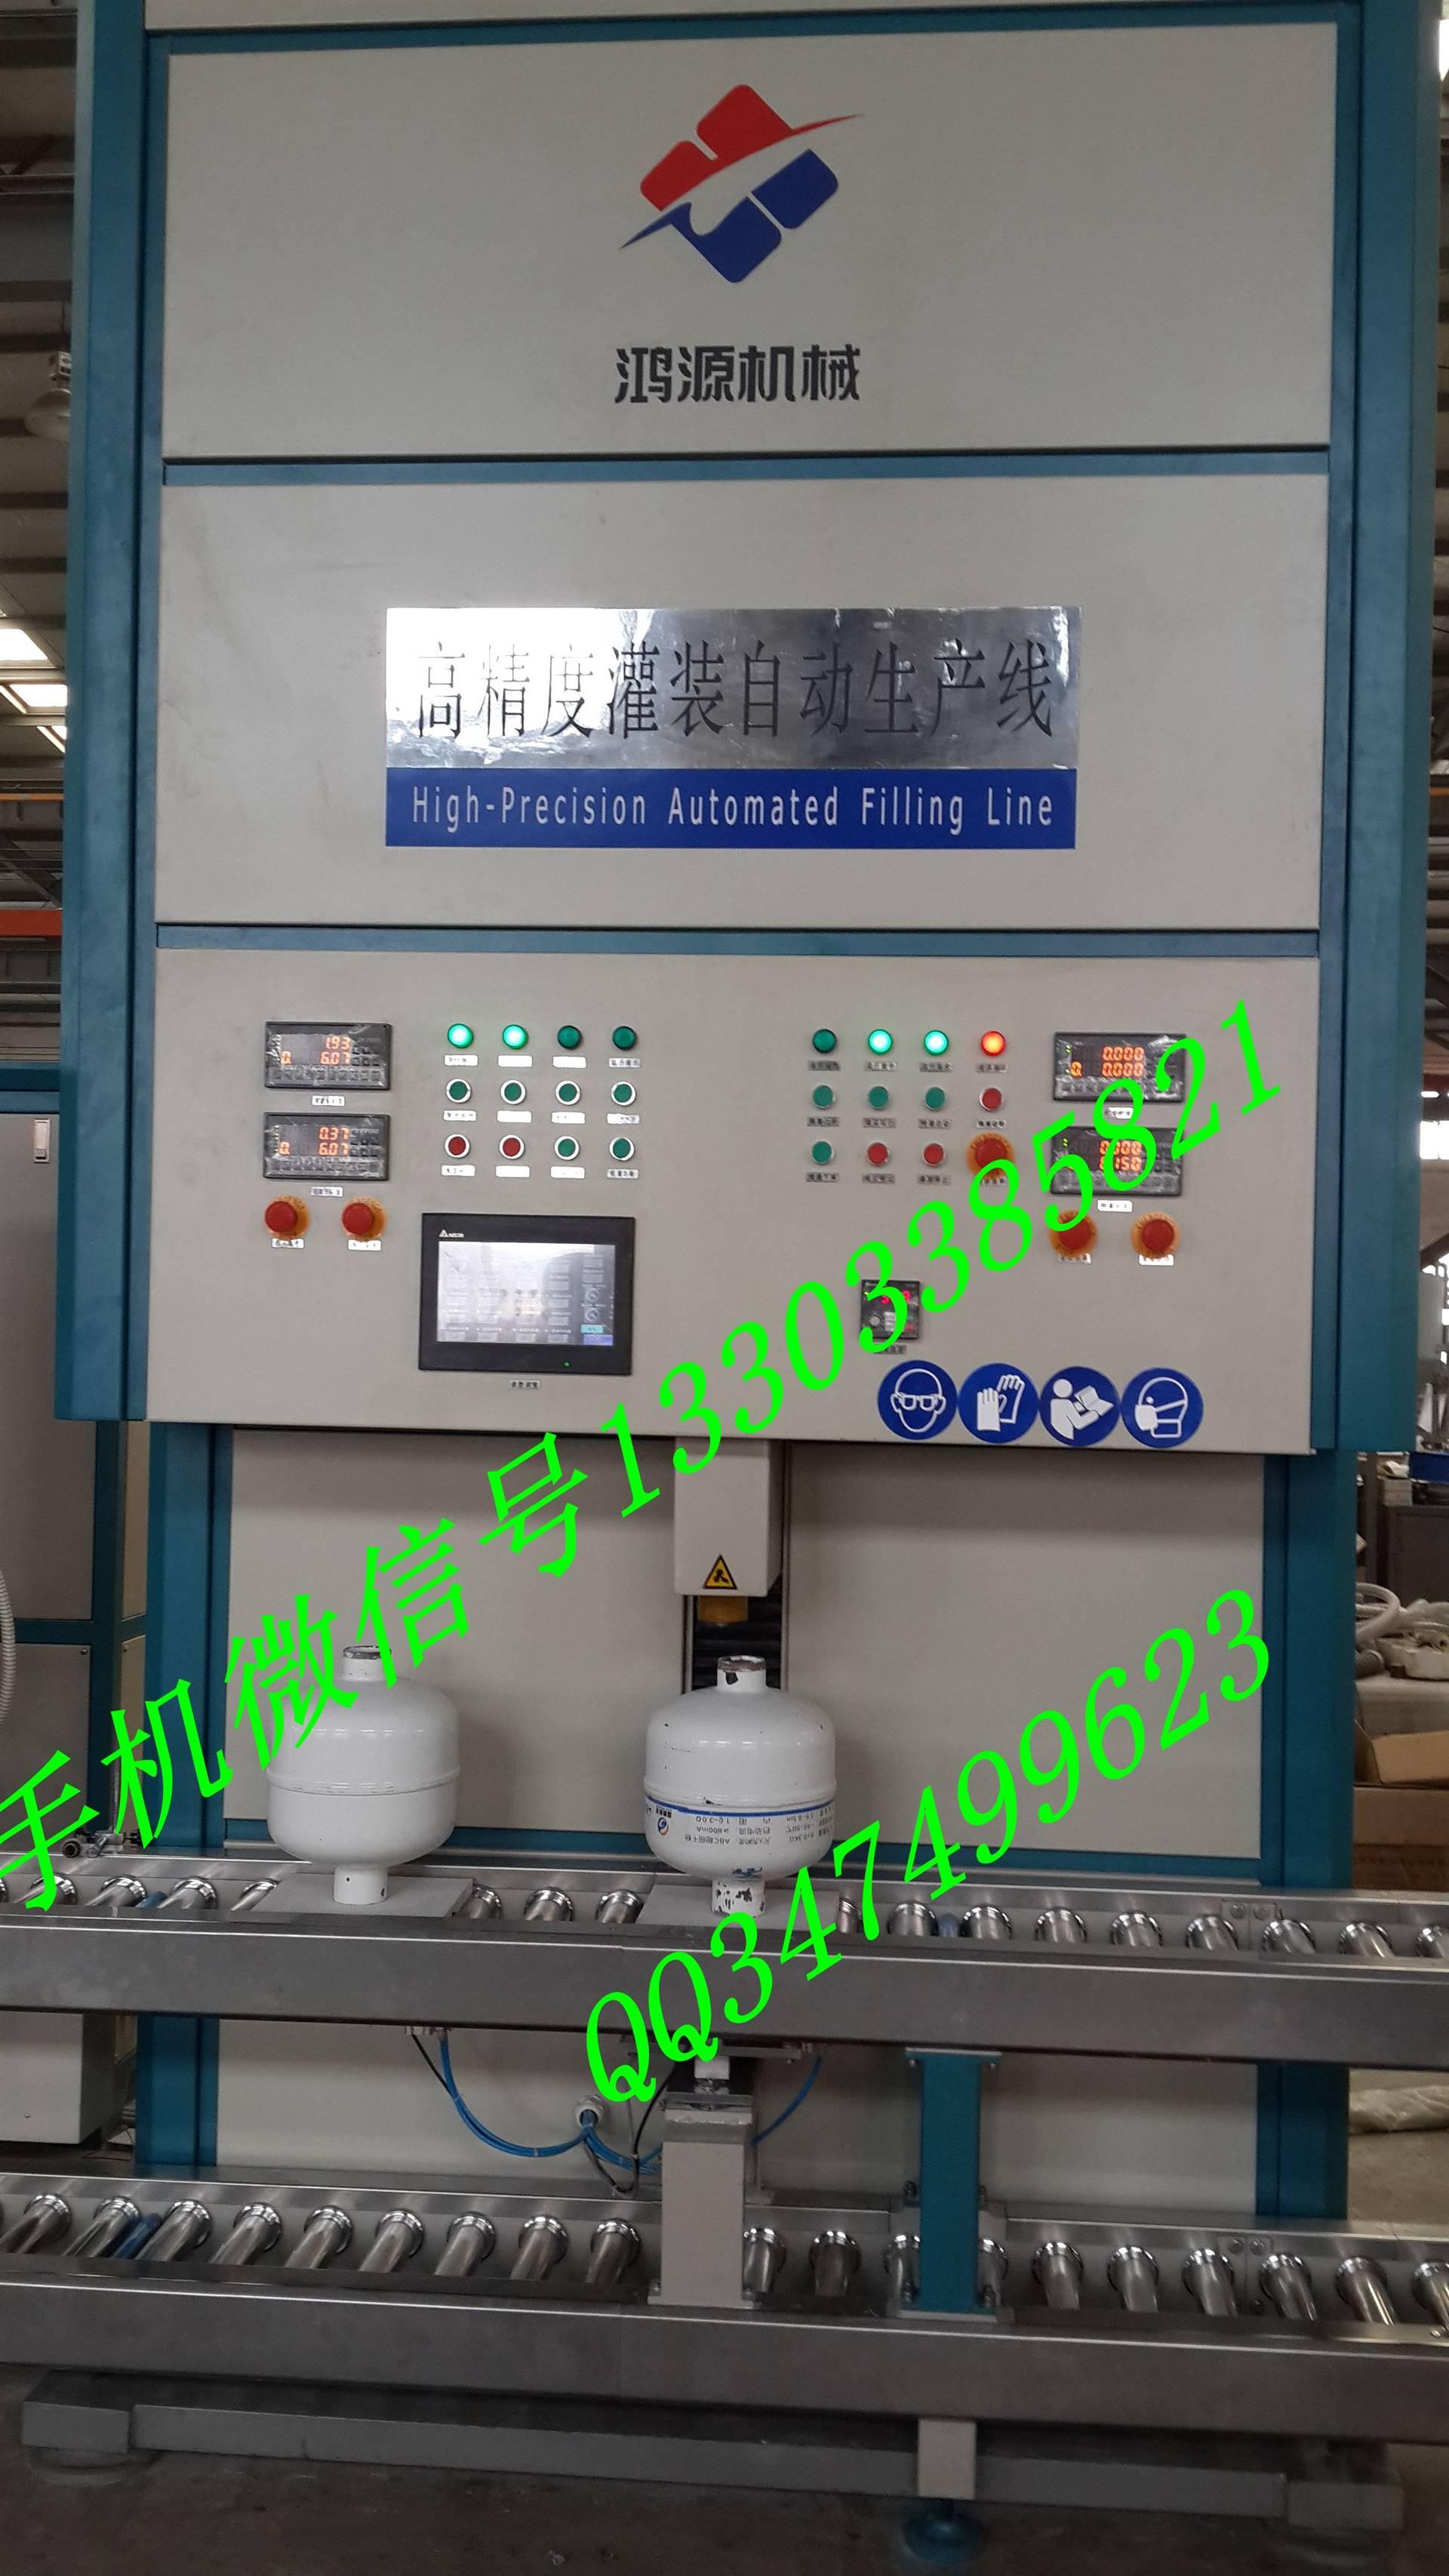 超细干粉灌装机,饶阳鸿源机械有限公司厂家